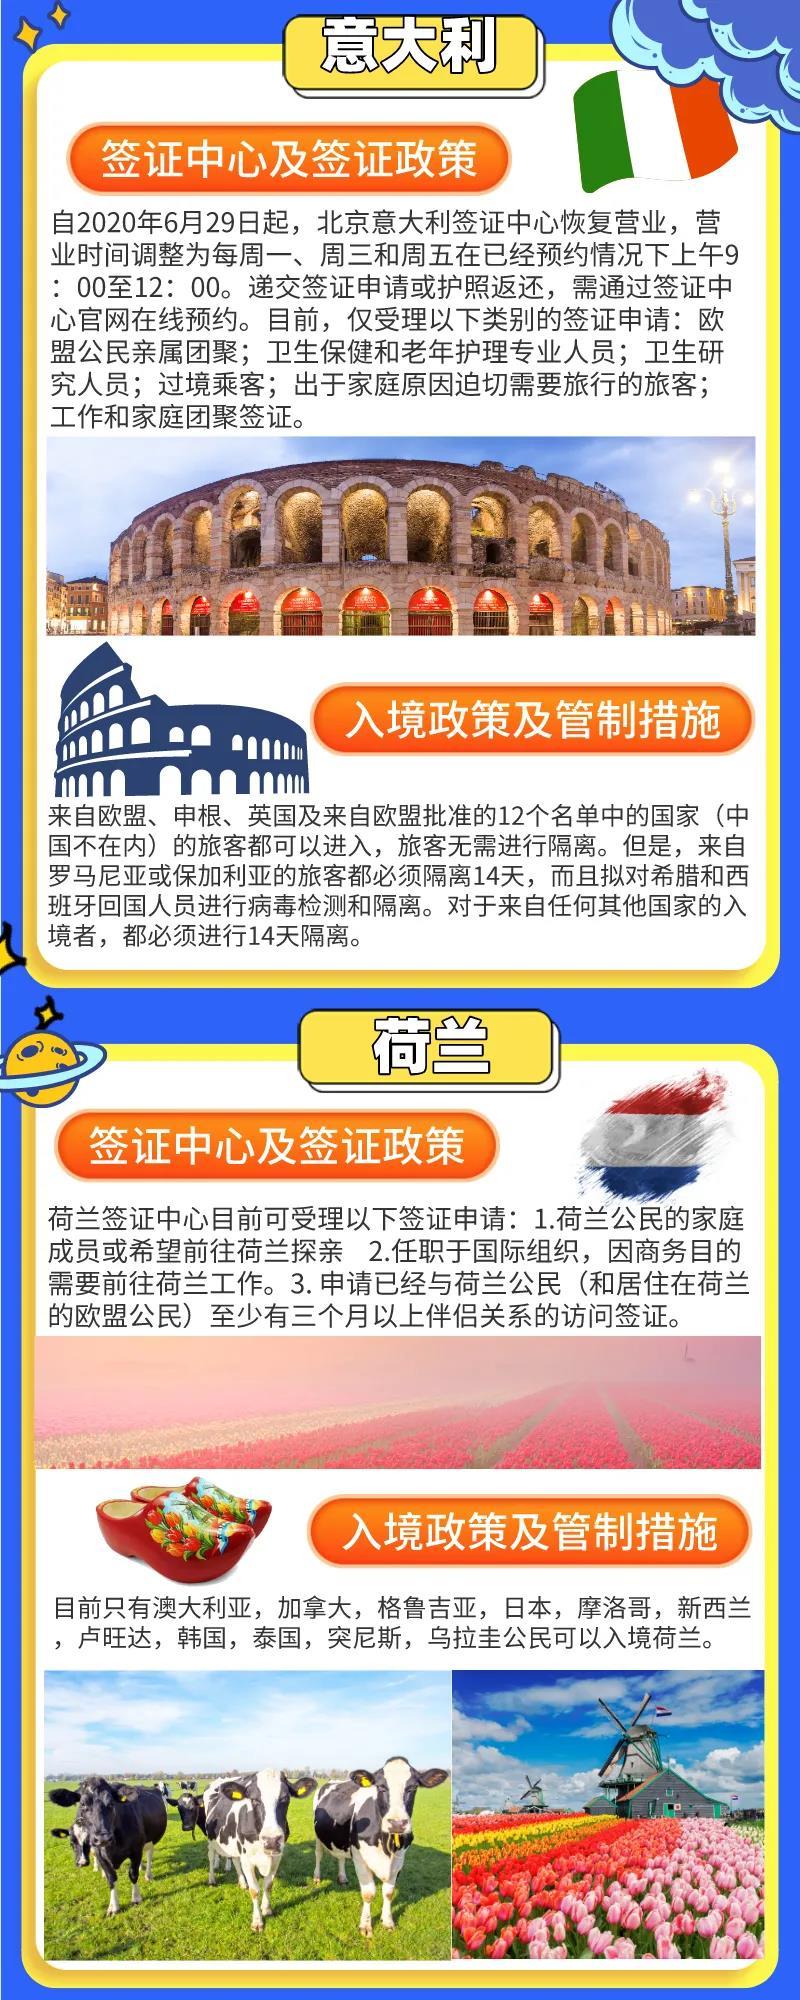 主要旅游目的地国家解封情况及签证恢复情况最新消息大汇总(8月18)